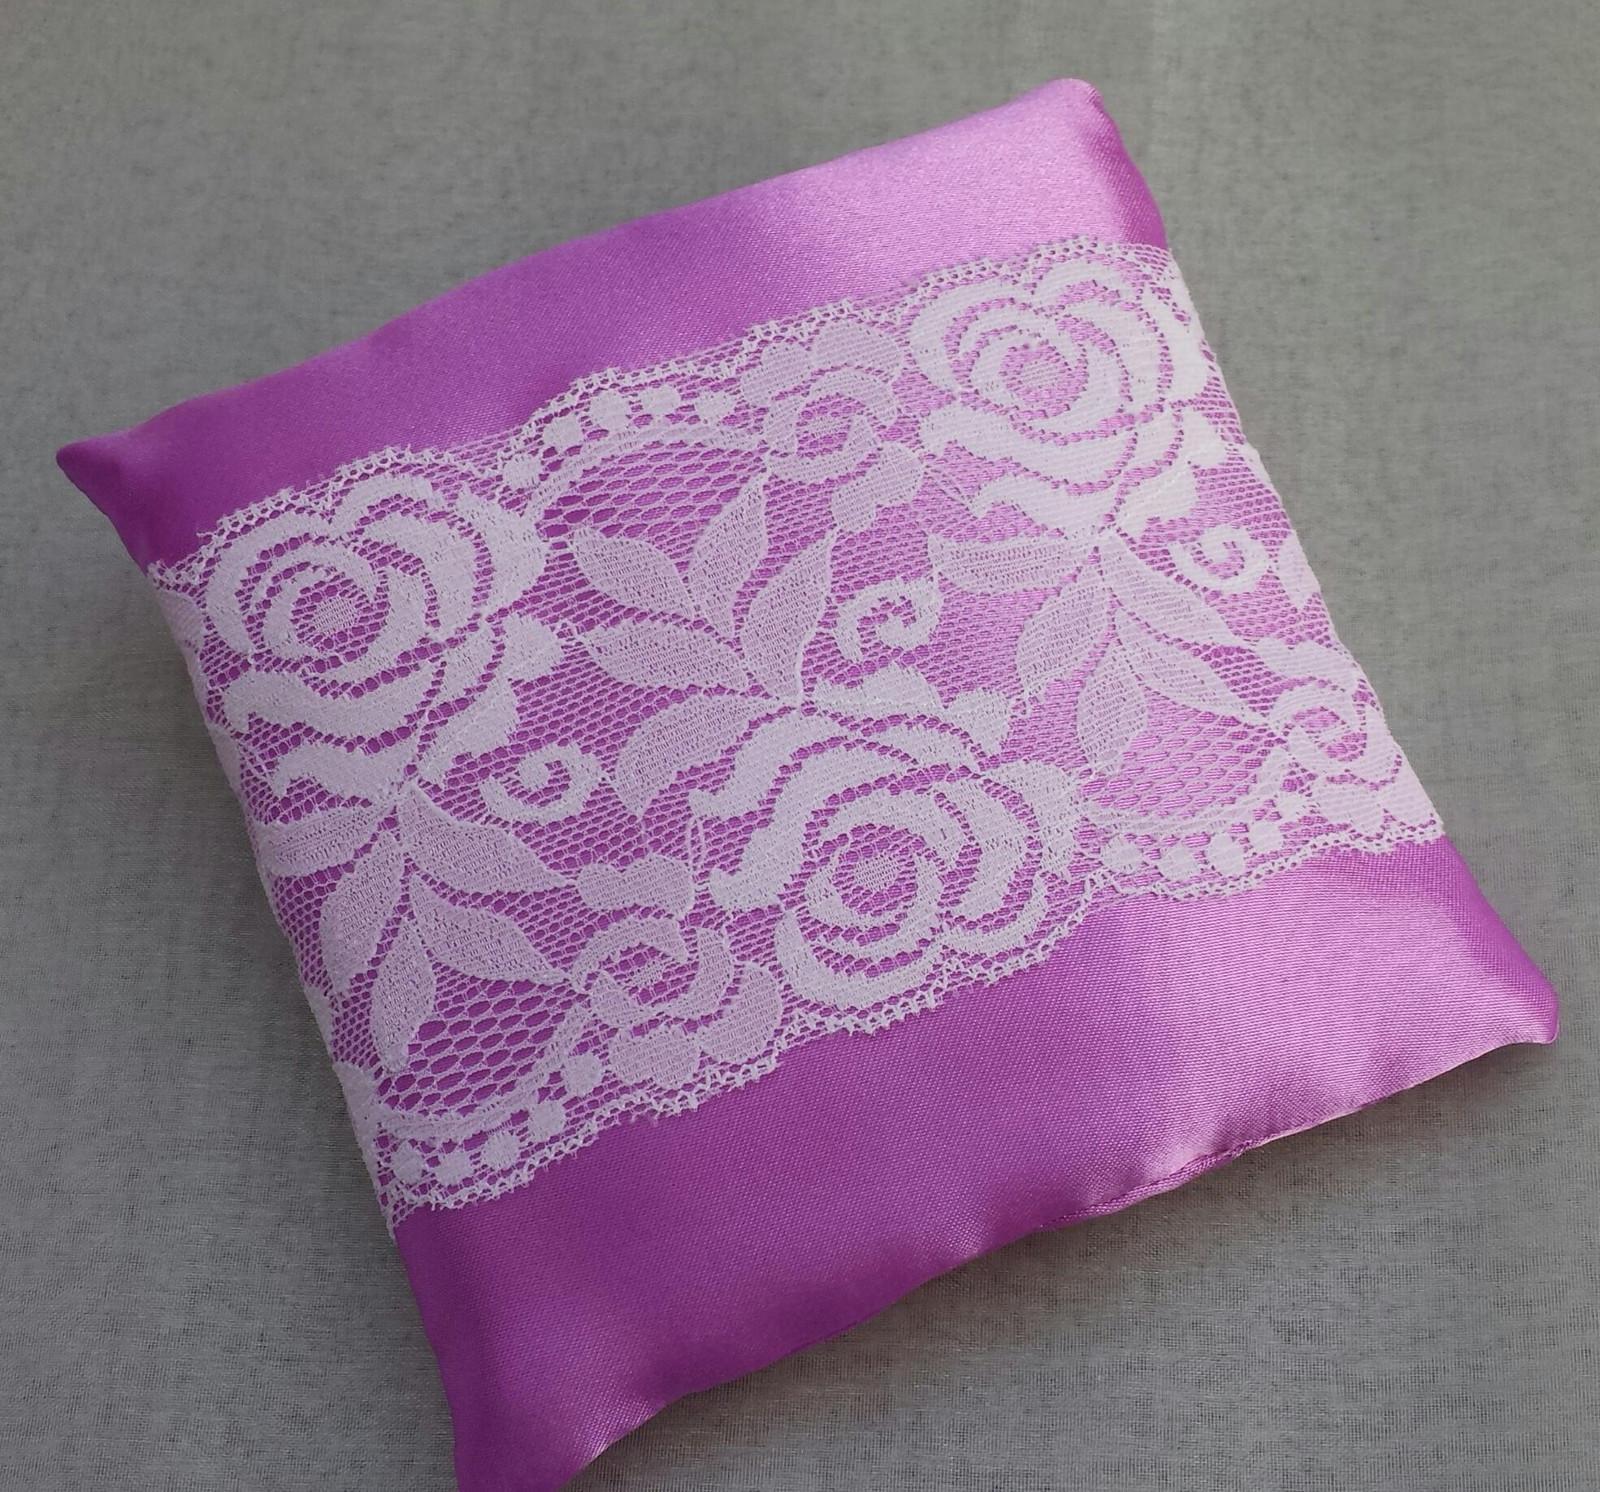 Růžovofialový svatební polštářek s krajkou SLEVA - Obrázek č. 1